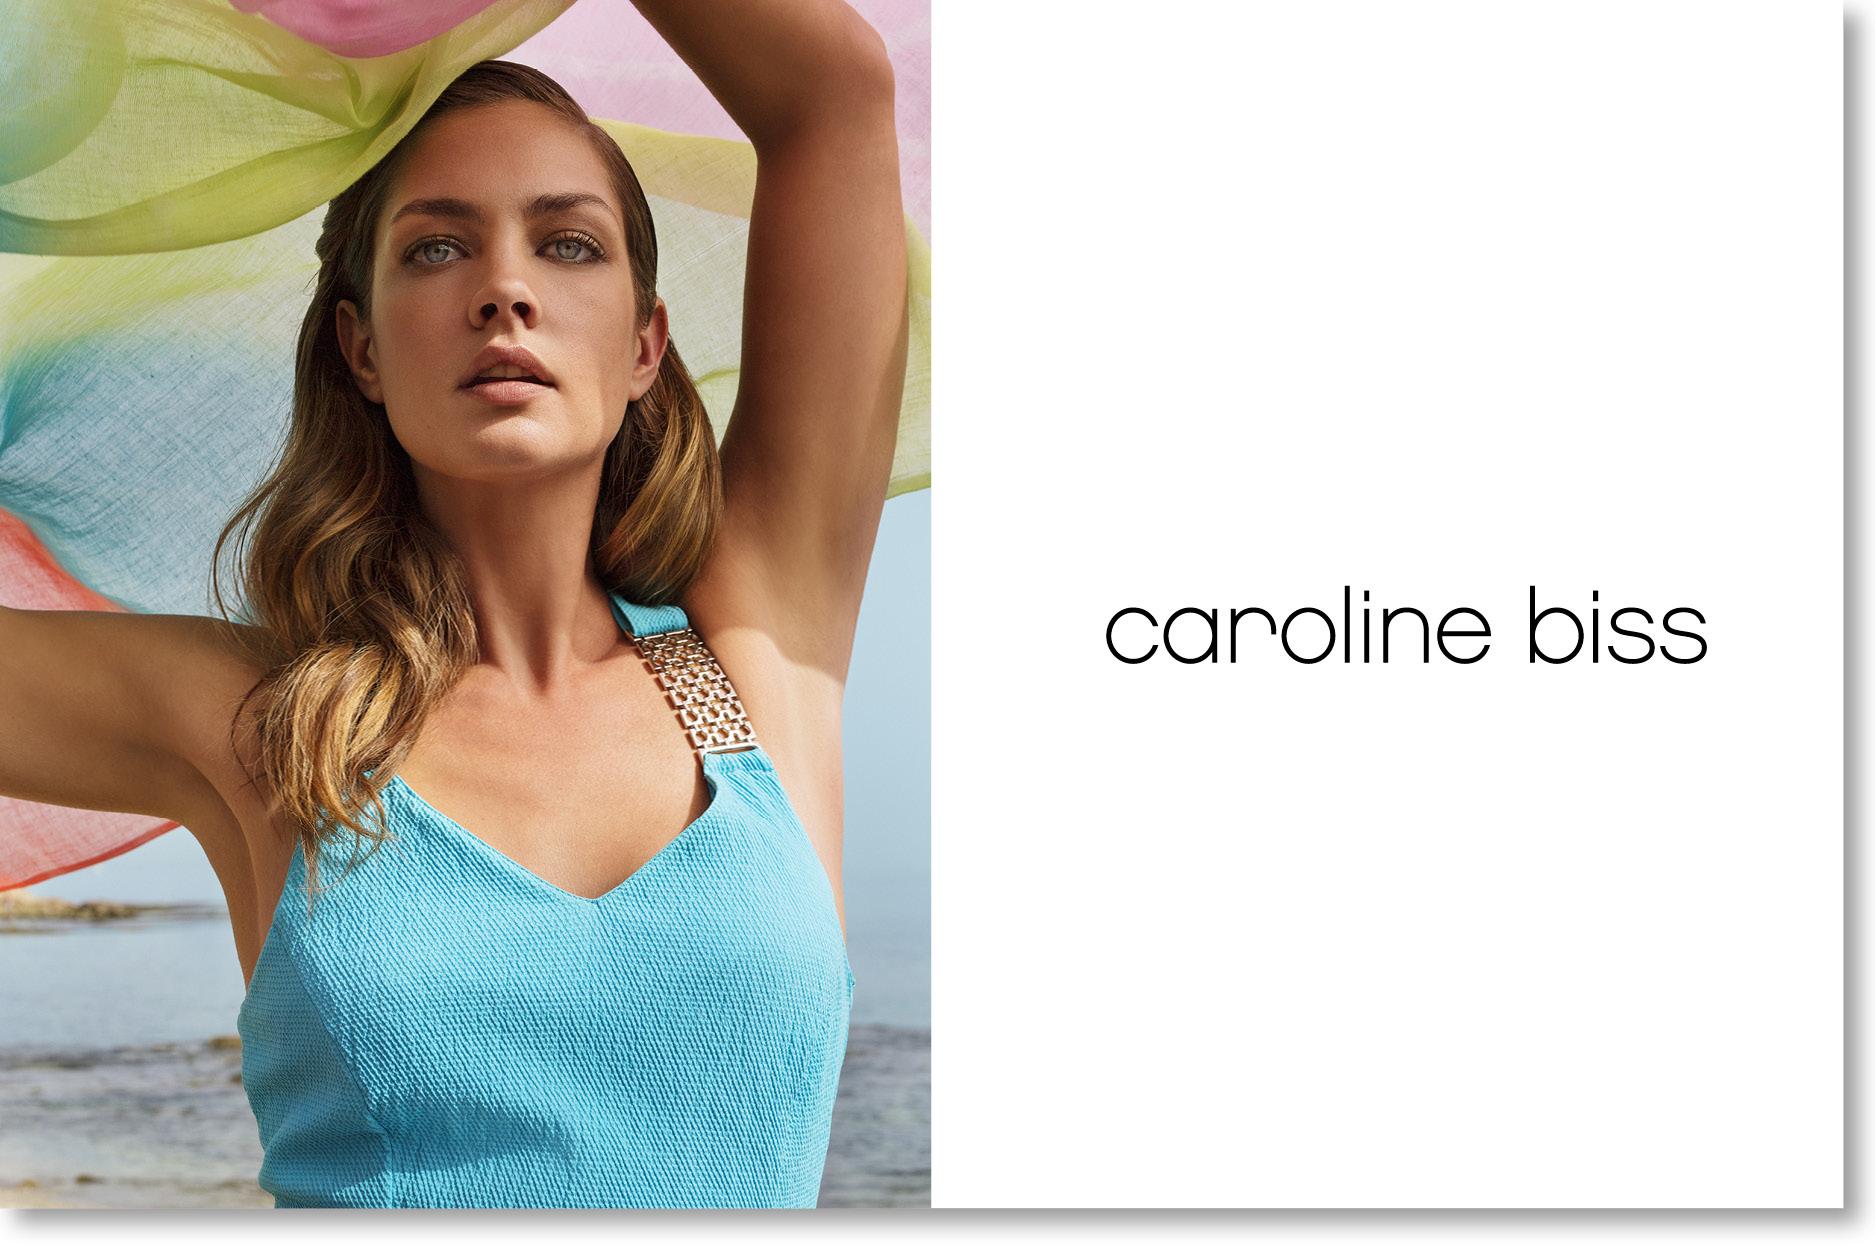 caroline_biss_summer_imageboulevard2